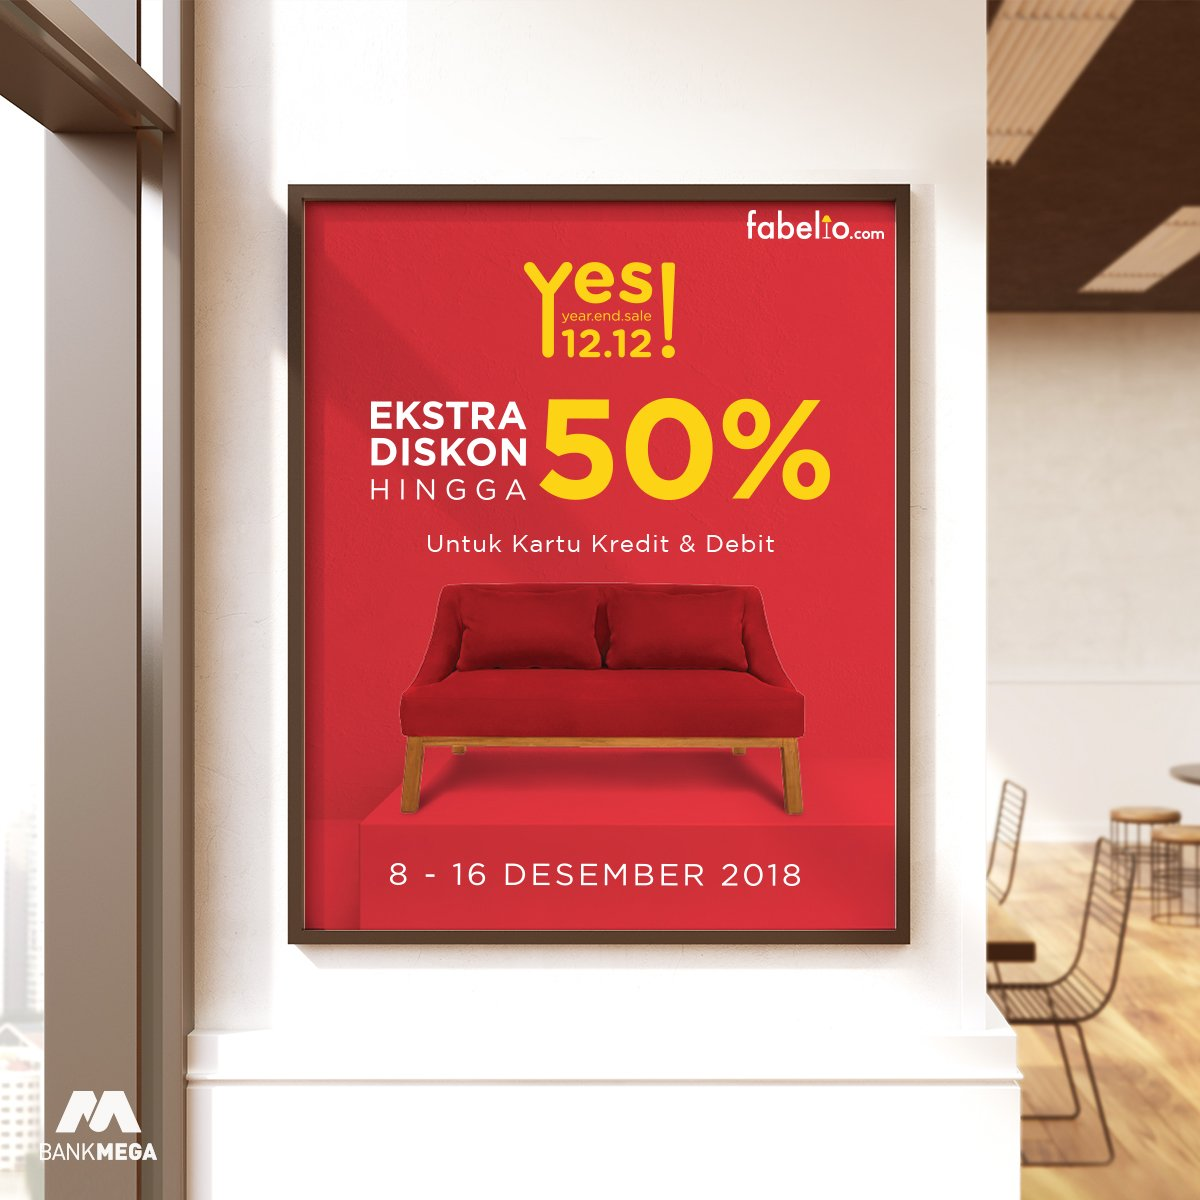 BankMega - Promo Ekstra Diskon s.d 50% di FABELIO (HARI TERAKHIR)